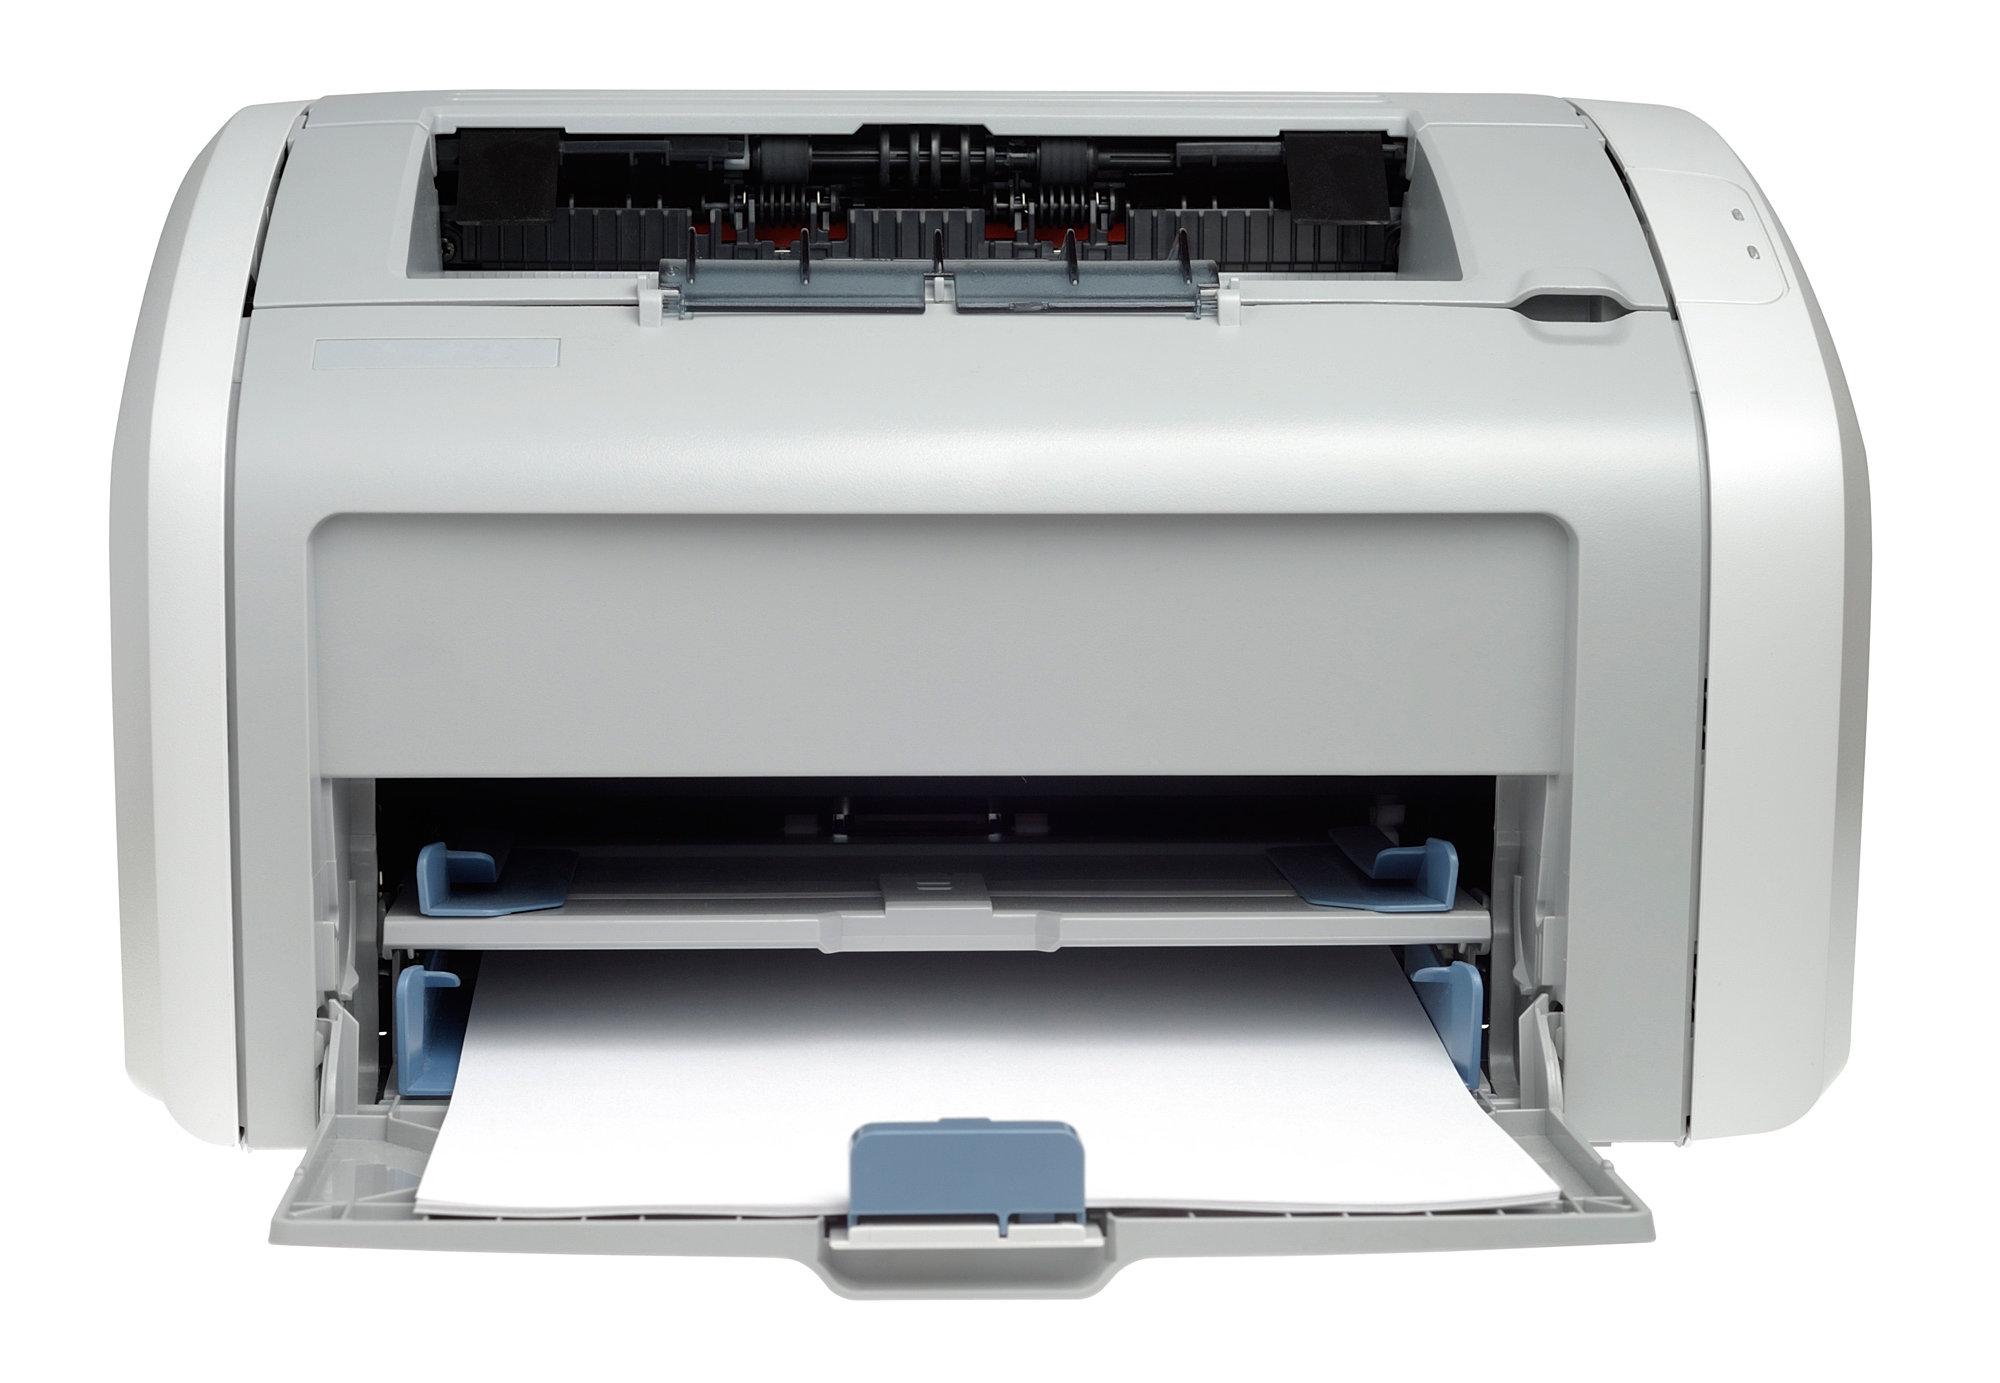 Computer Rentals Ny Computer Rents Printers Copiers